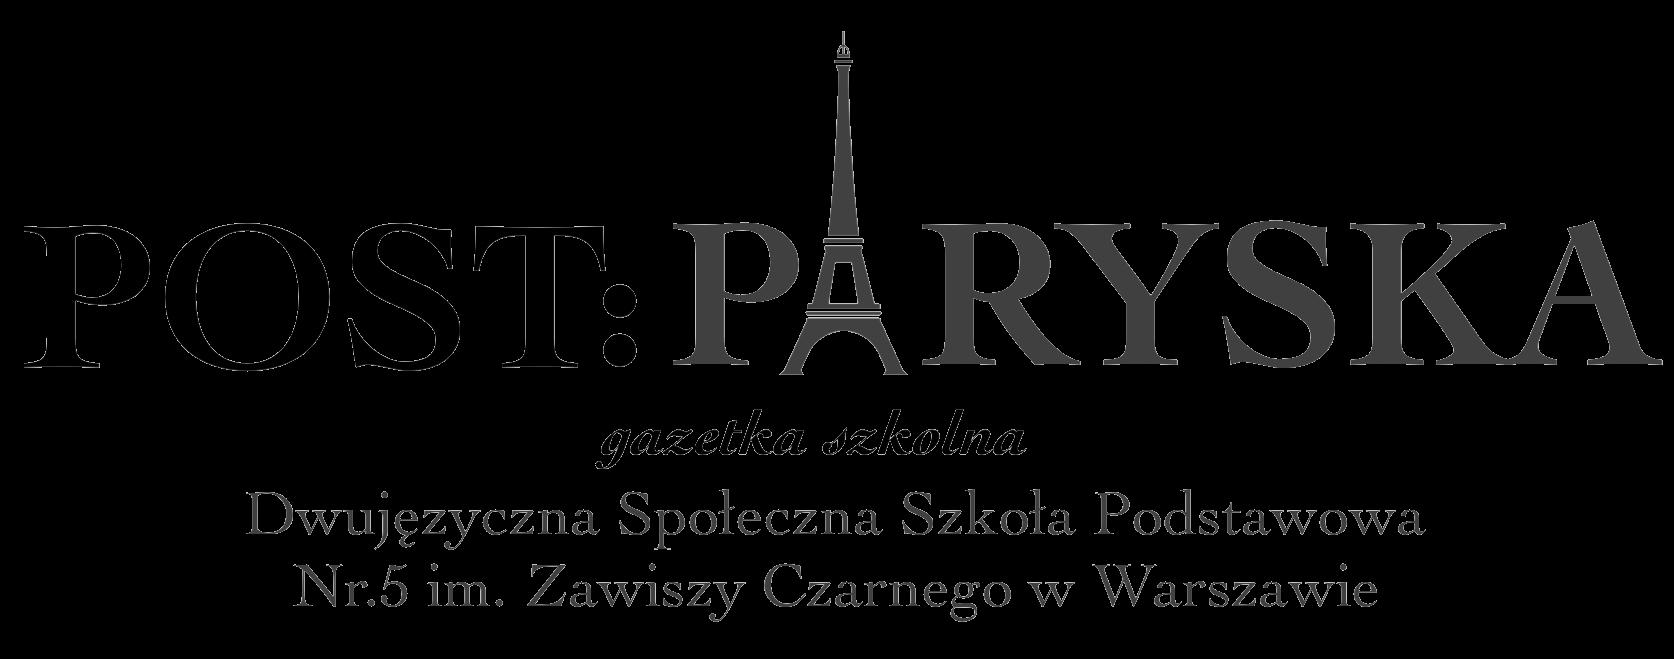 Post:Paryska - tu powinno być logo. Jeżeli widzisz ten napis, skontaktuj się z nami na adresie email: pomoc@postparyska.pl